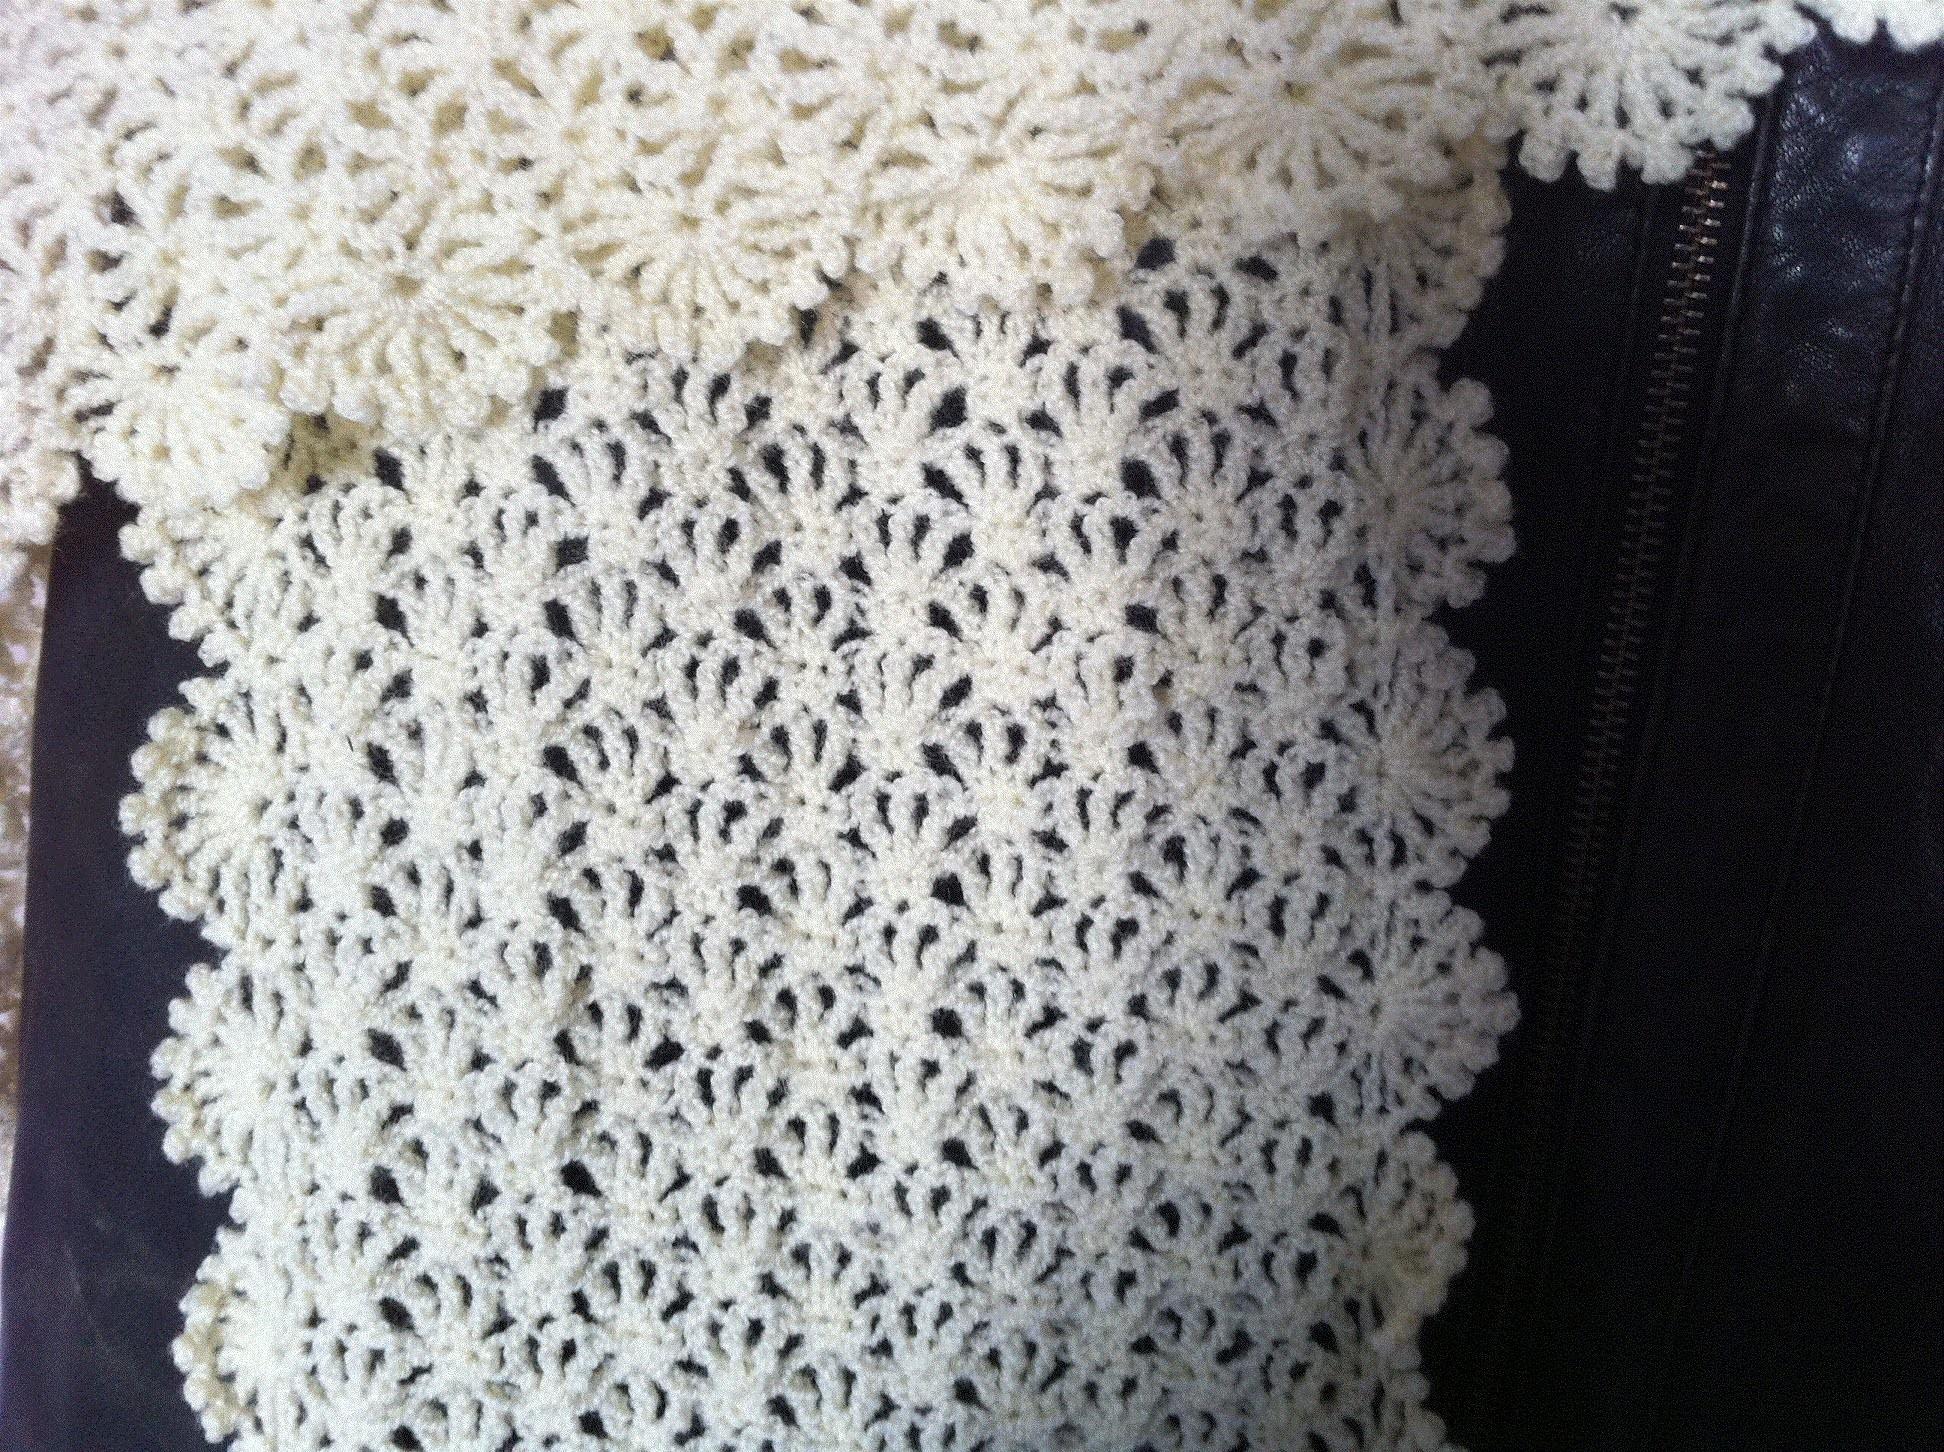 Tutoriel crochet   une écharpe ou étole façon dentelle pour l'été